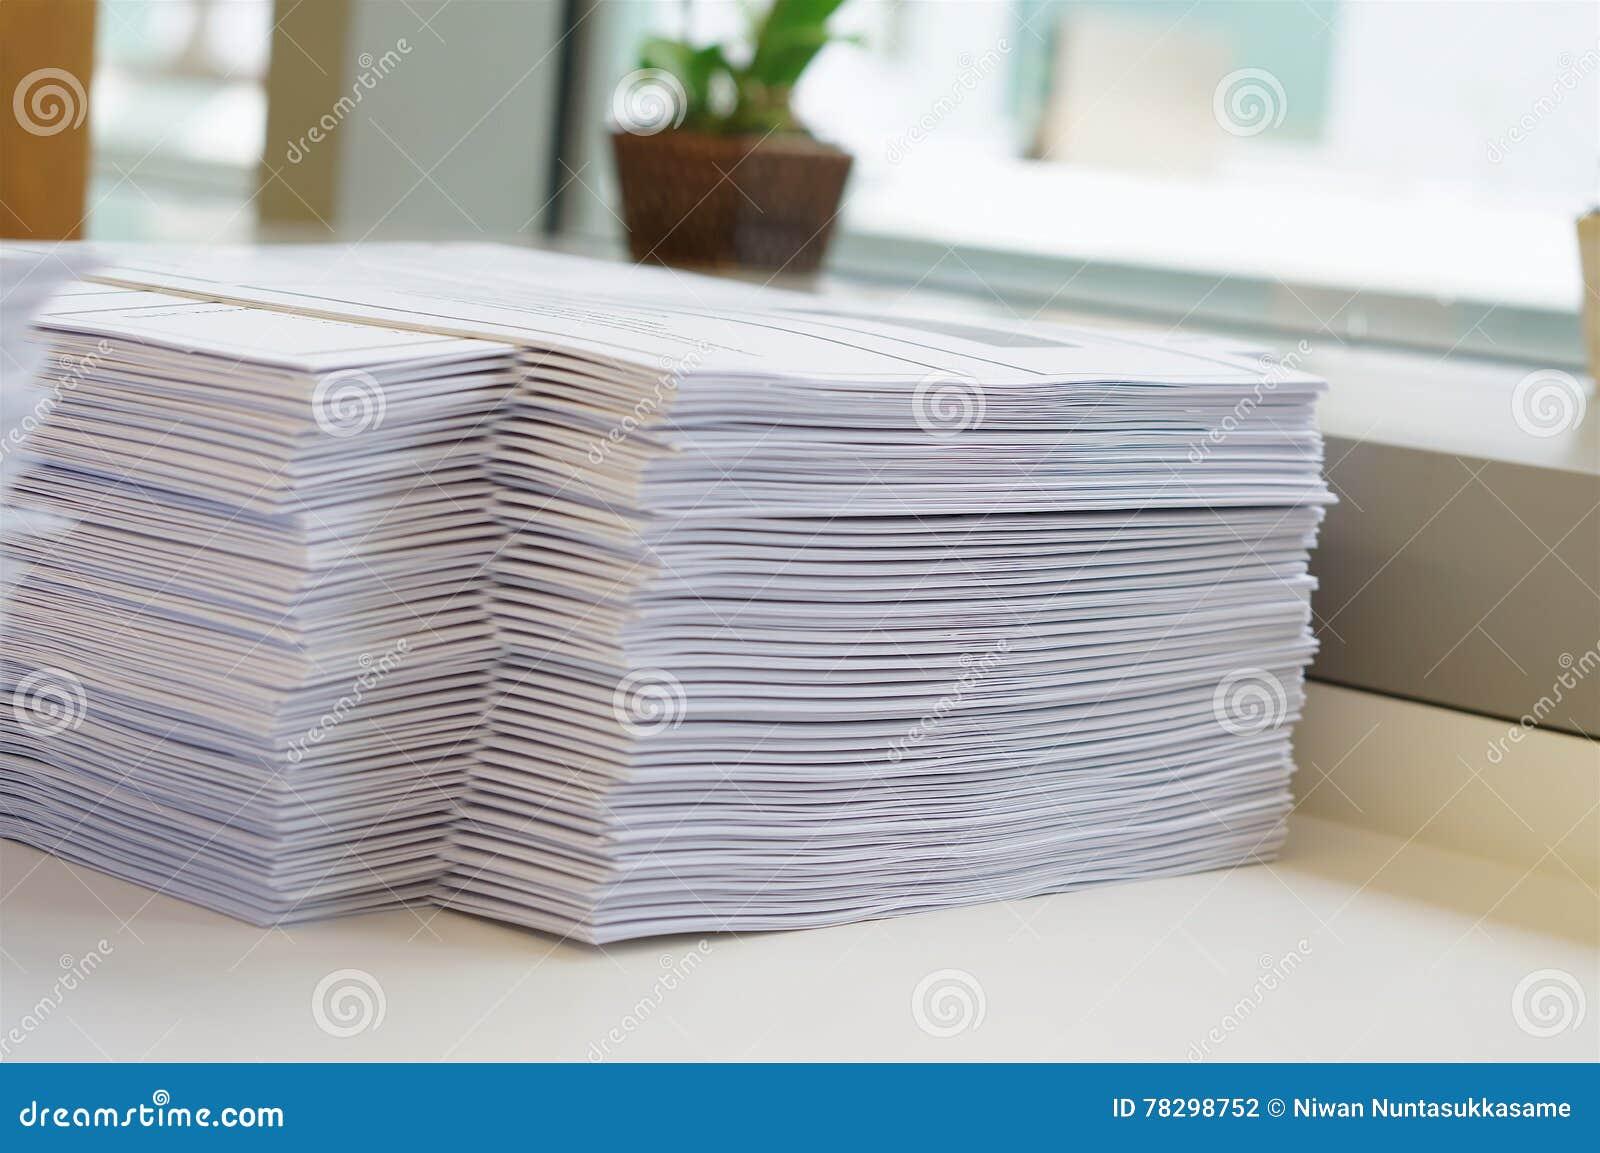 堆在窗口附近的纸活页练习题